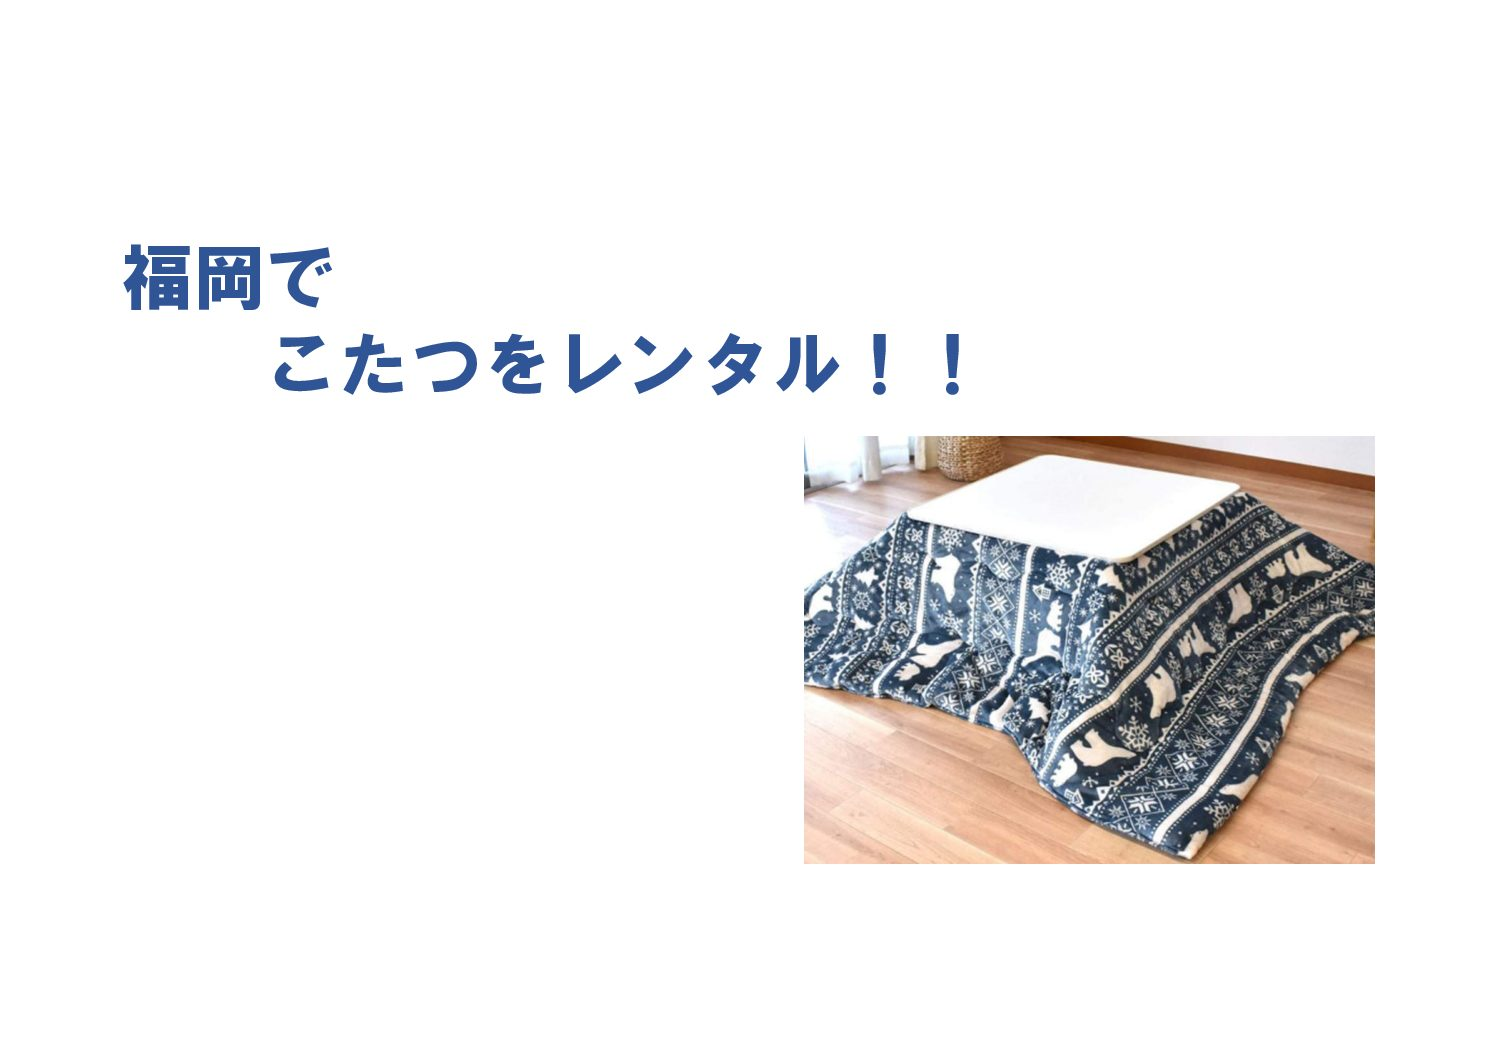 寒い冬に必須!福岡でこたつをレンタルしませんか?